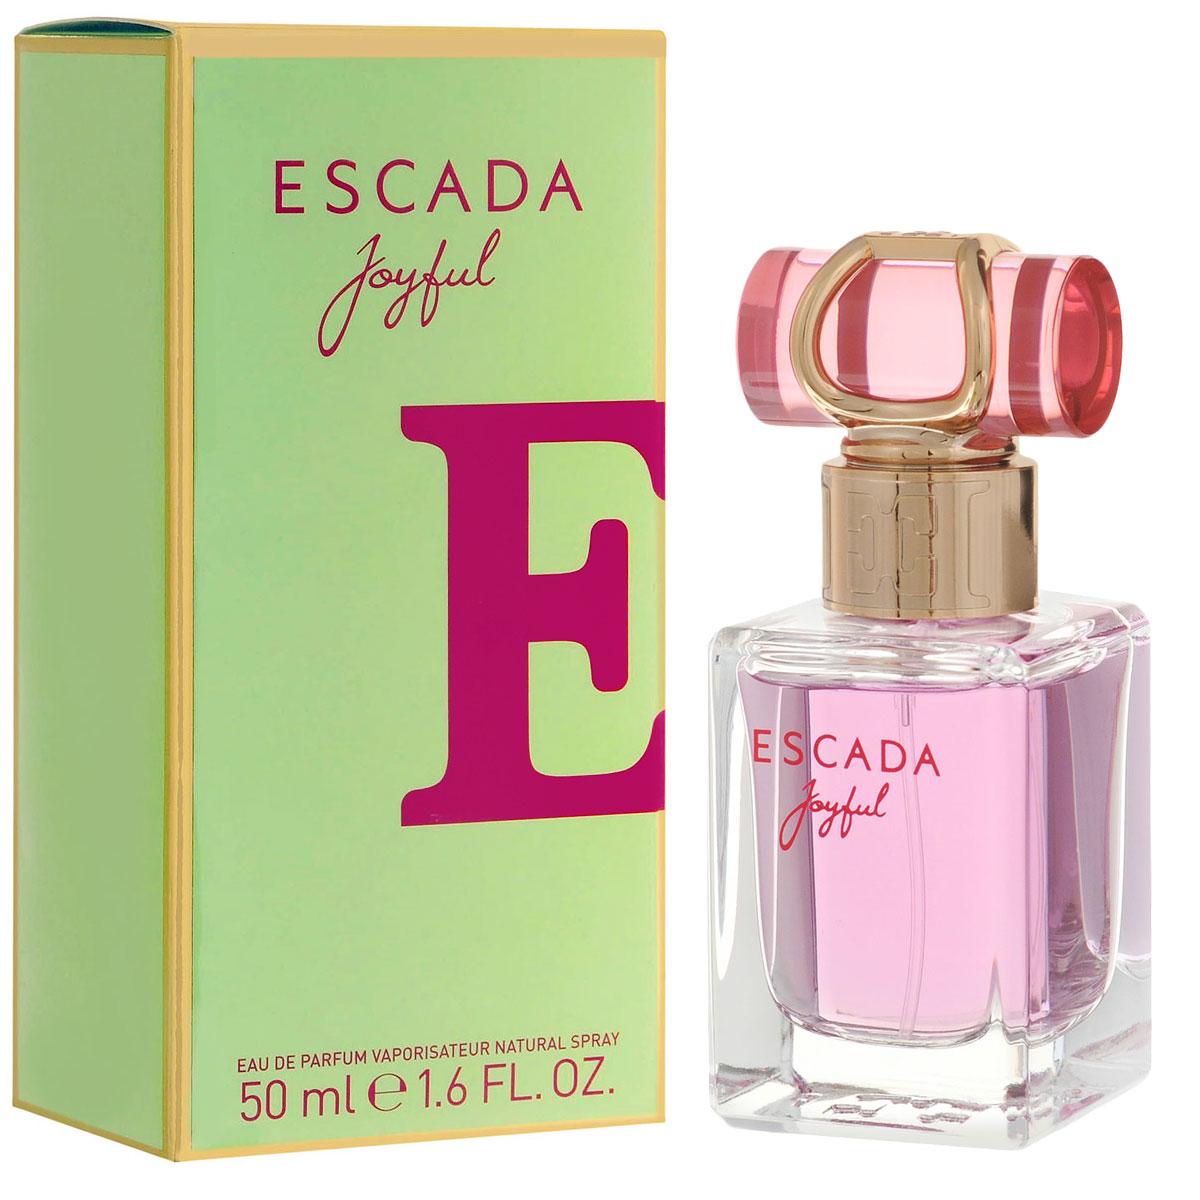 Escada Парфюмерная вода Joyful, женская, 50 мл0737052778303Яркий цветочный аромат Joyful от Escada создан для позитивных и уверенных в себе женщин, которые не упускают ни одной возможности и умеют радоваться жизни. Вдохновленный радостью, которую вы испытываете, получив прекрасный букет цветов, этот легкий и нежный аромат переливается и мерцает, словно утренняя роса. В сердце аромата - свежий розовый пион в окружении белых цветков магнолии с нотами сочного щербета из черной смородины и теплотой медовых сот. Лучшим парфюмерам Escada удалось поймать морозную сладость щербета и сочной черной смородины, которые придают этому аромату свежий и яркий образ. Легкие ноты розового пиона привносят особую деликатность, которая создает свежую цветочную композицию аромата. Естественная изысканность природы, насыщенность и тепло медовых сот придают легким цветочным нотам подлинную глубину. Ноты золотого нектара придают аромату соблазнительные сливочные оттенки. Классификация аромата : цветочный. Пирамида...